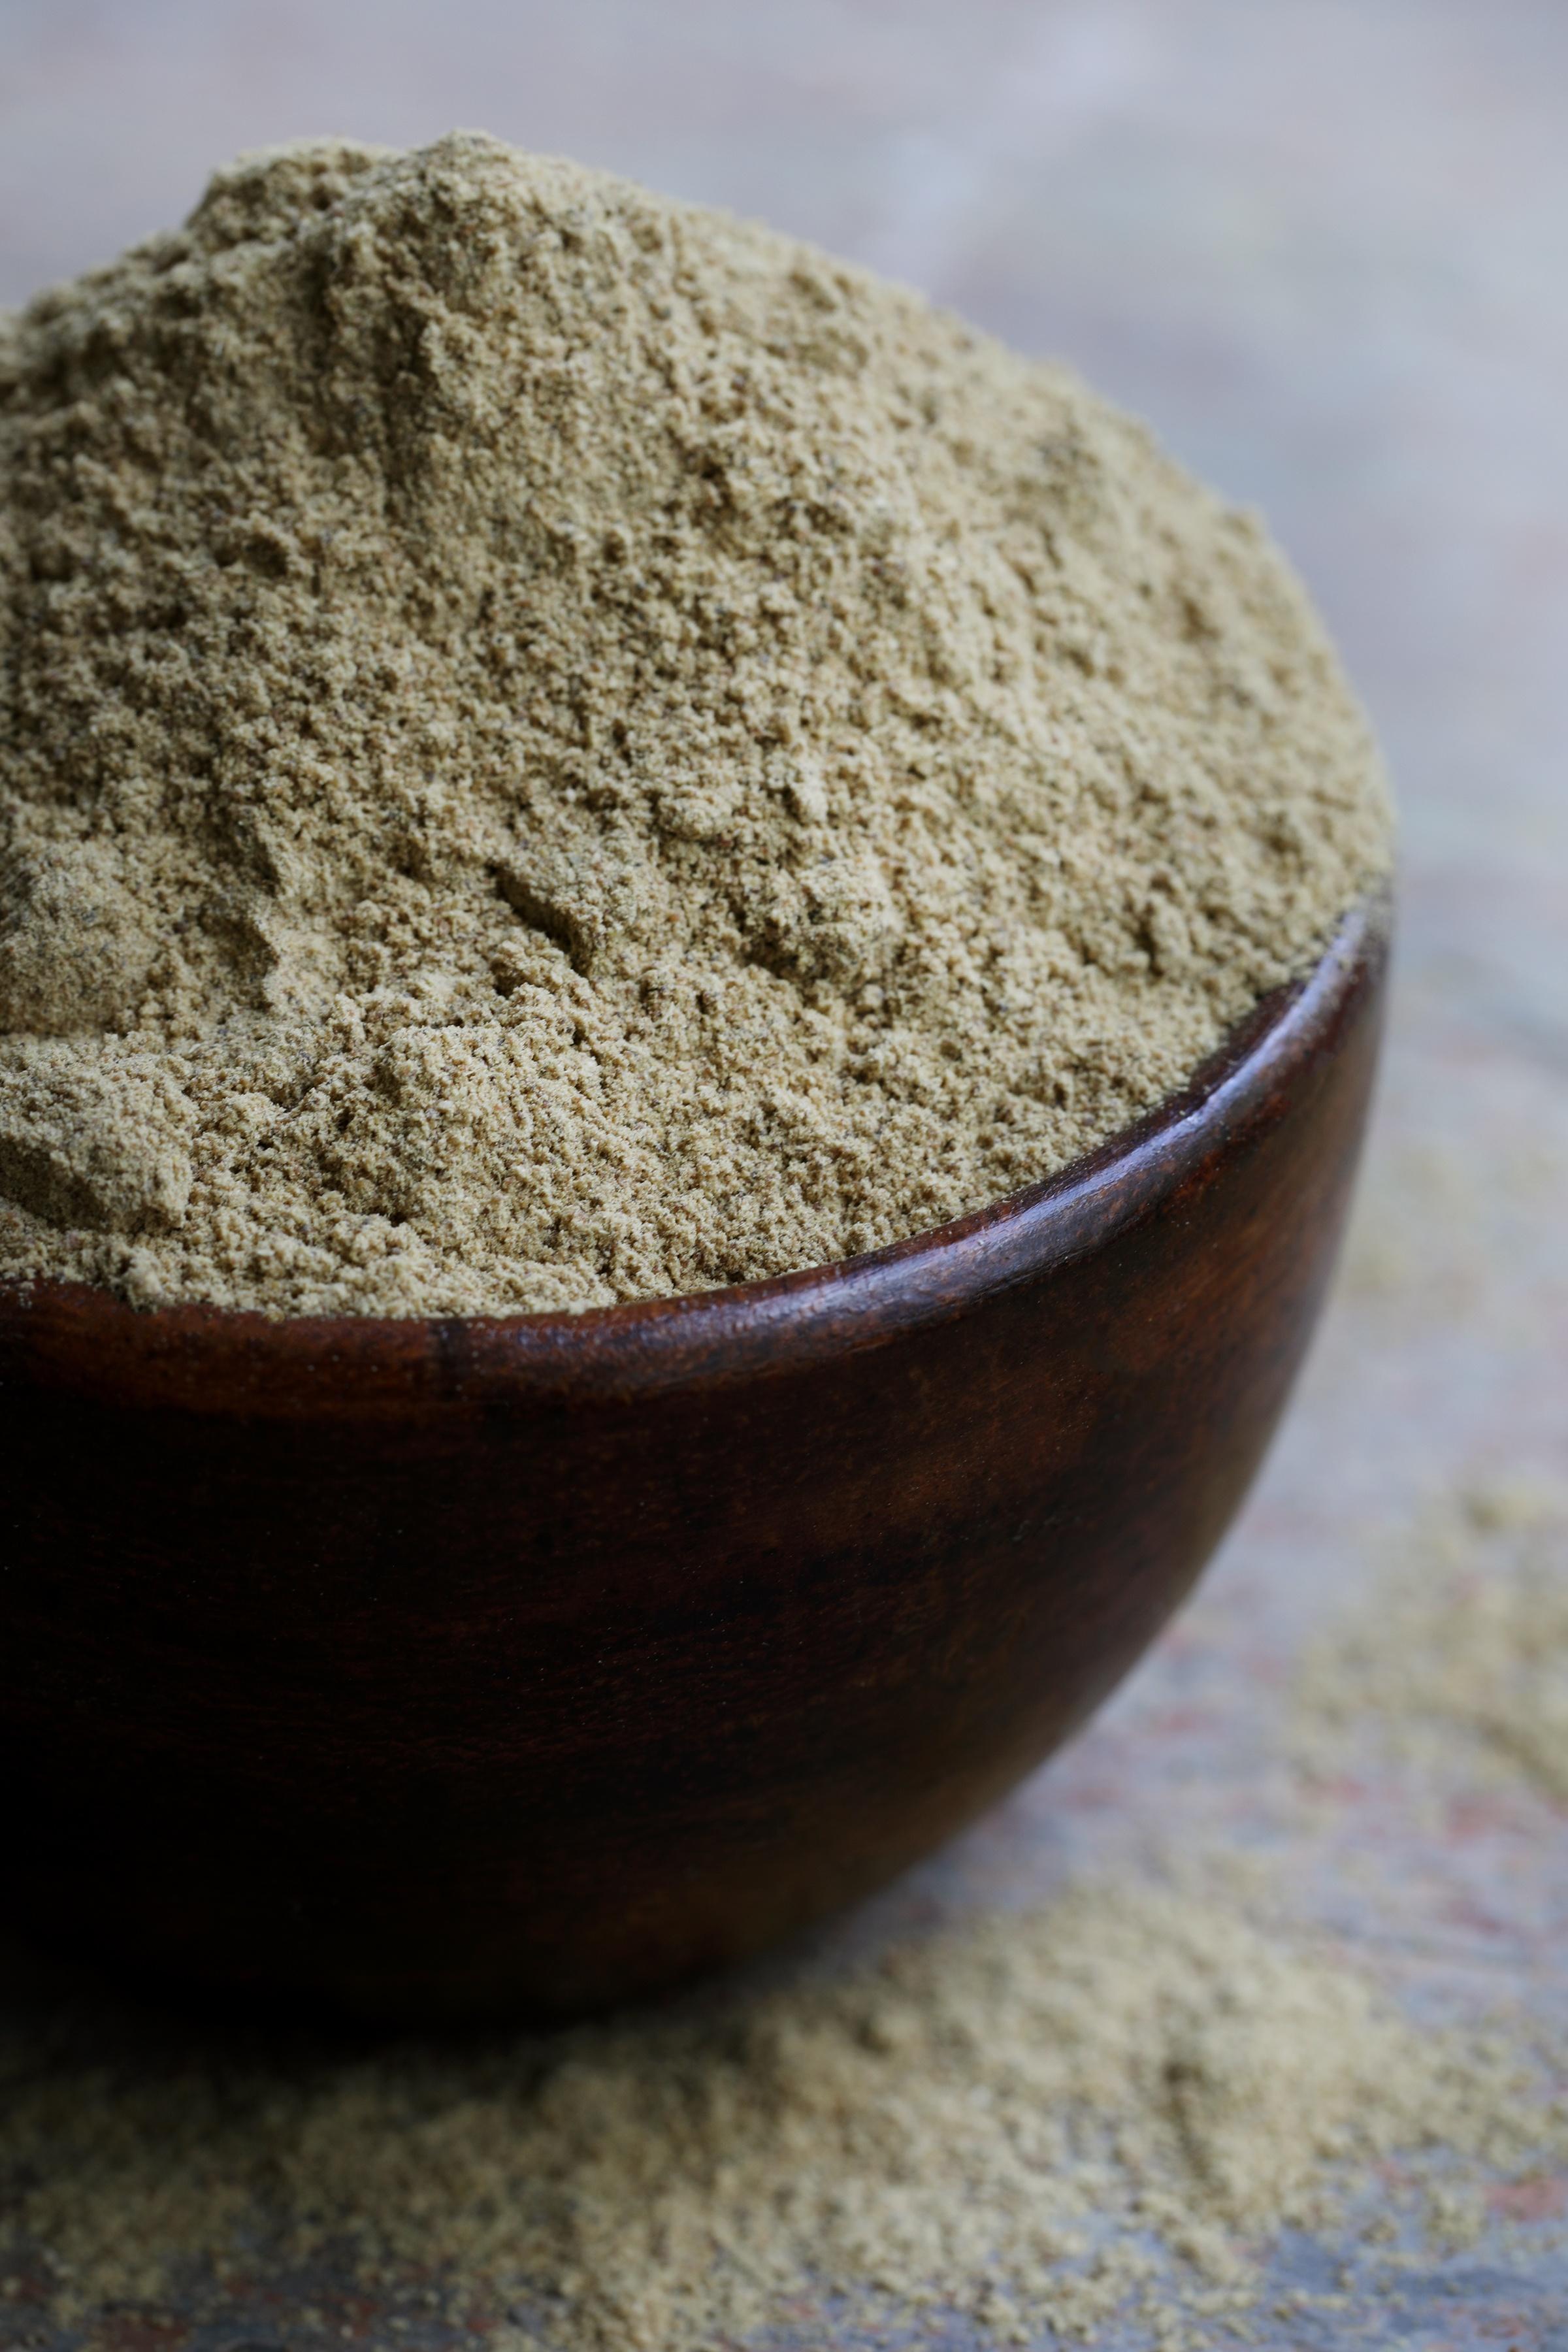 Wooden bowl full of organic triphala powder